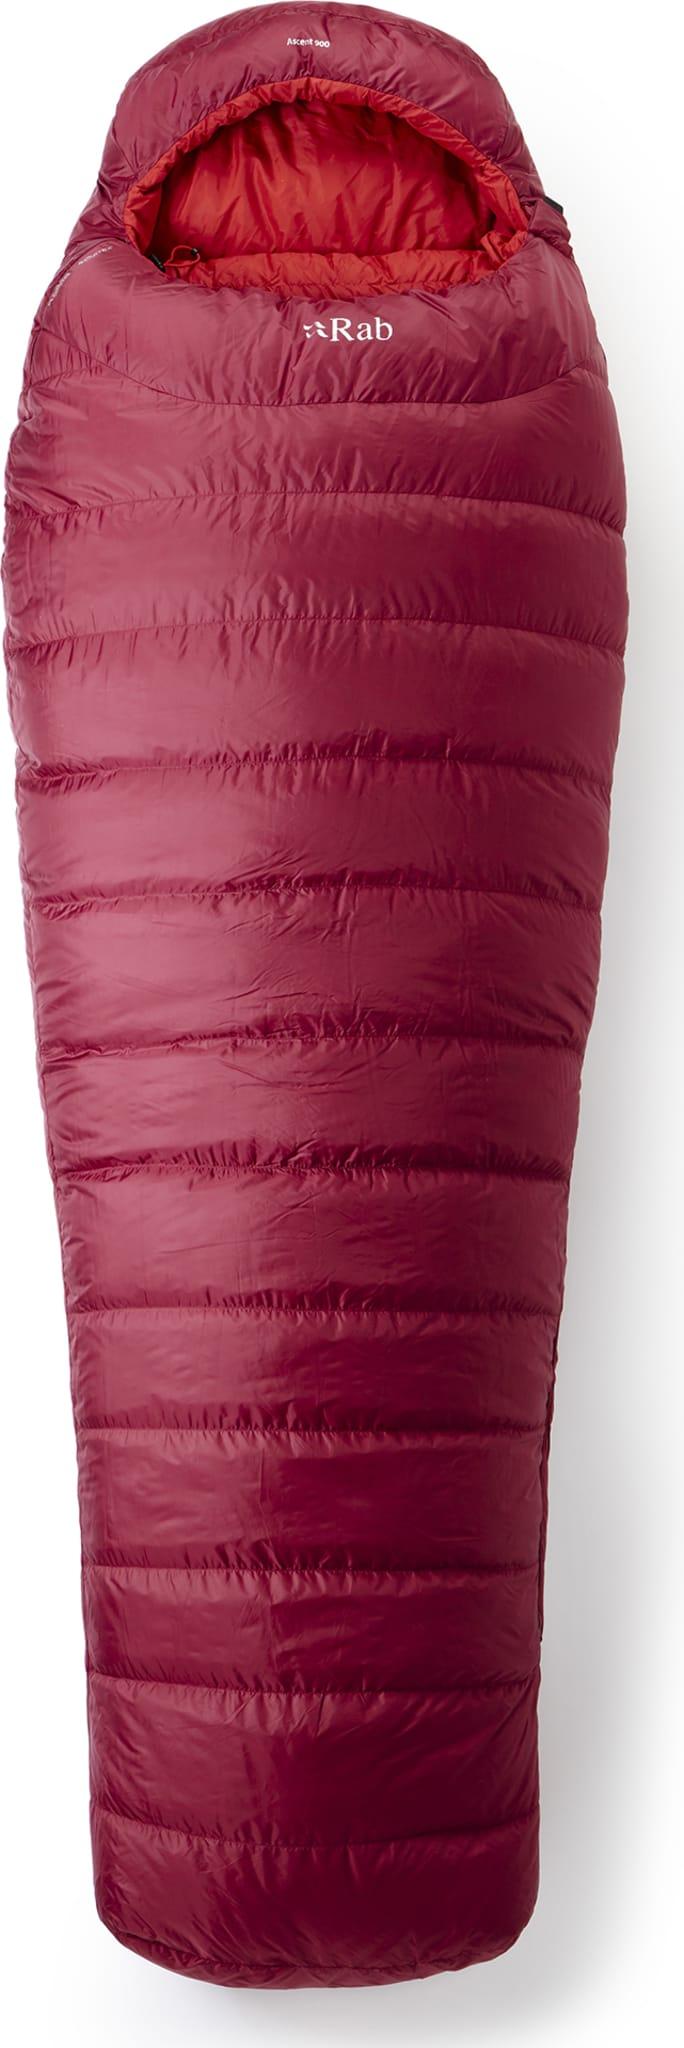 Prisgunstig dunpose for vinterbruk